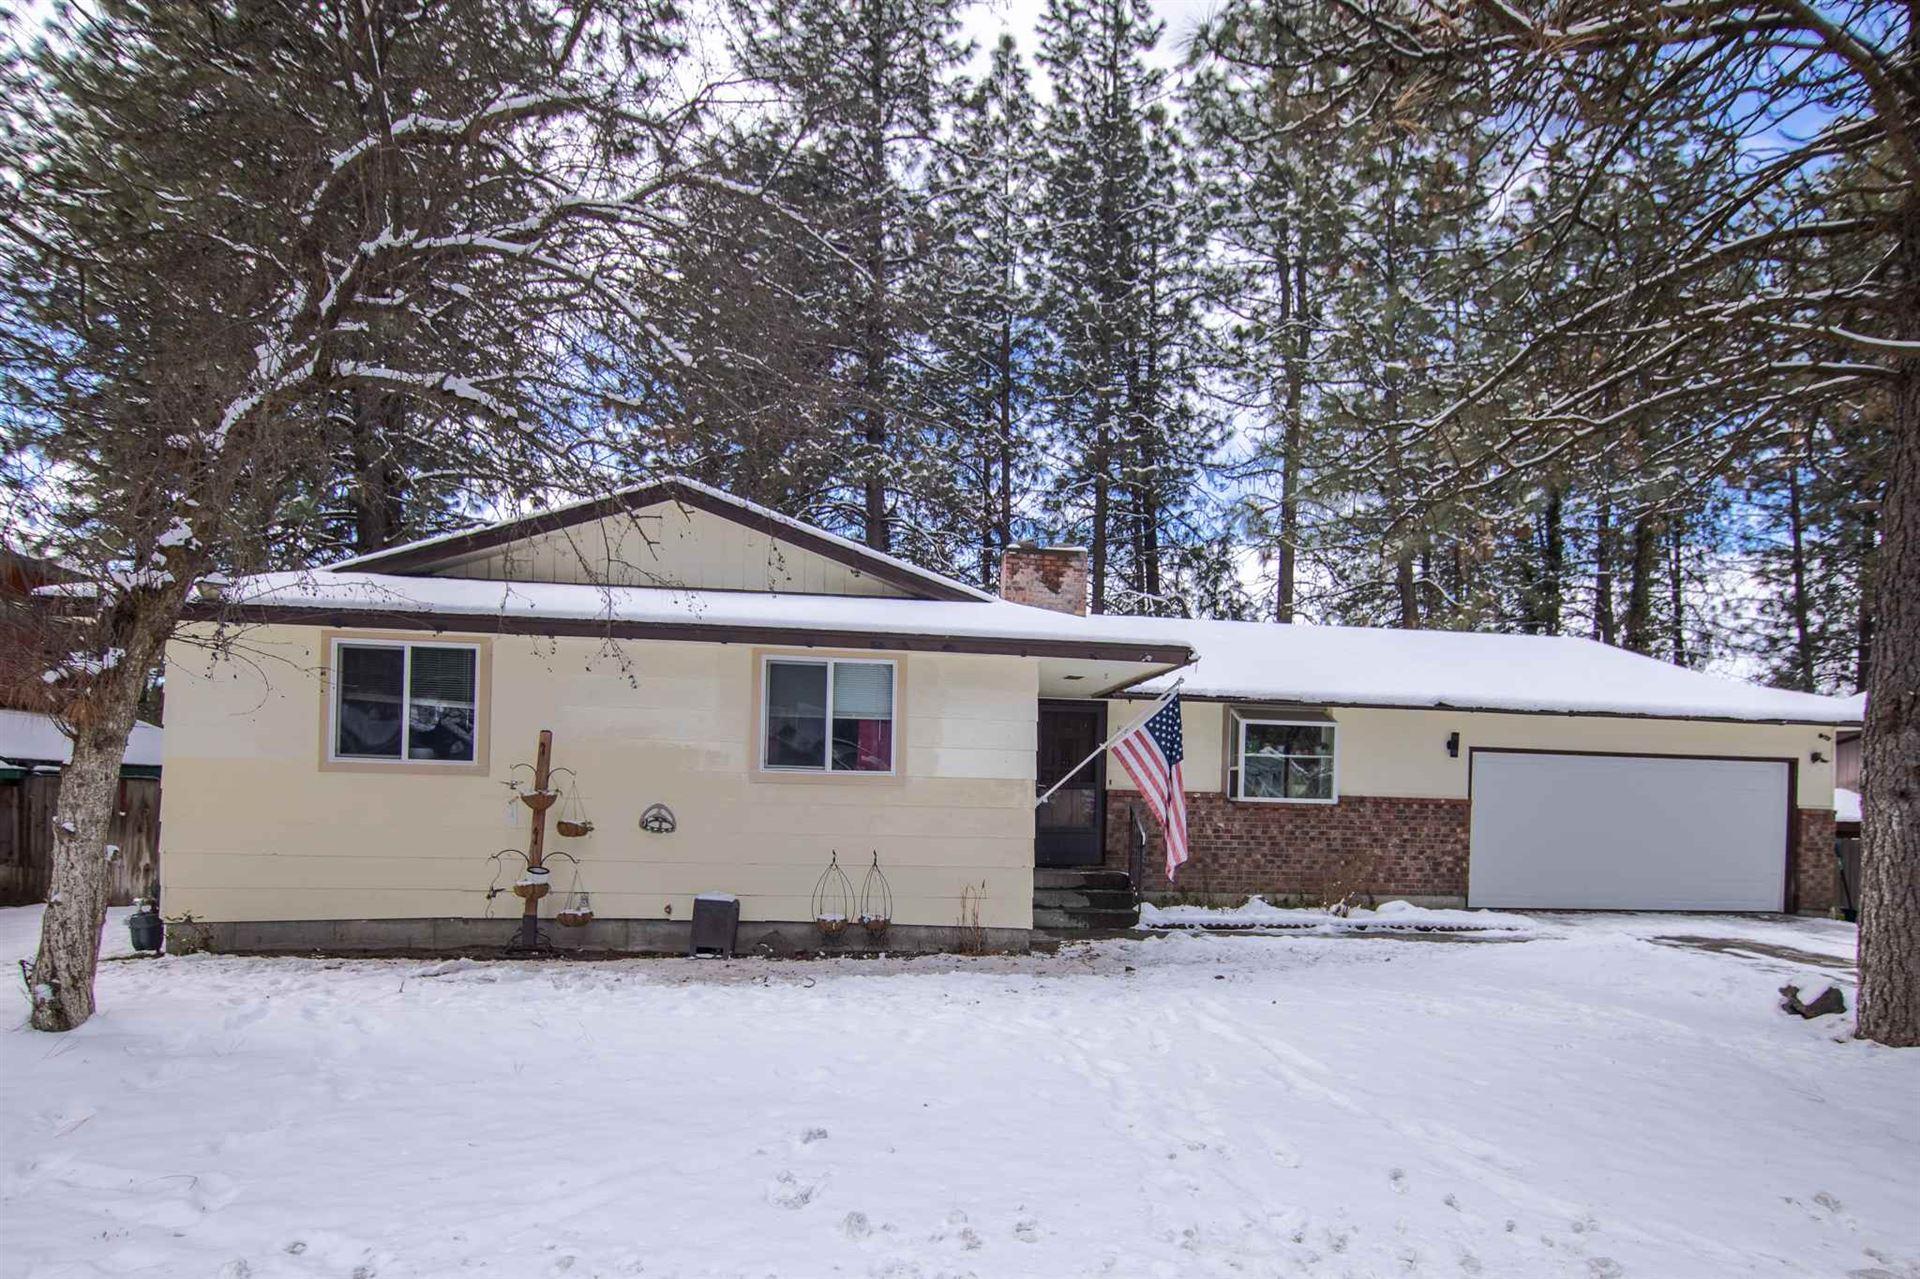 8517 N Colton St, Spokane, WA 99208-5804 - #: 202111646